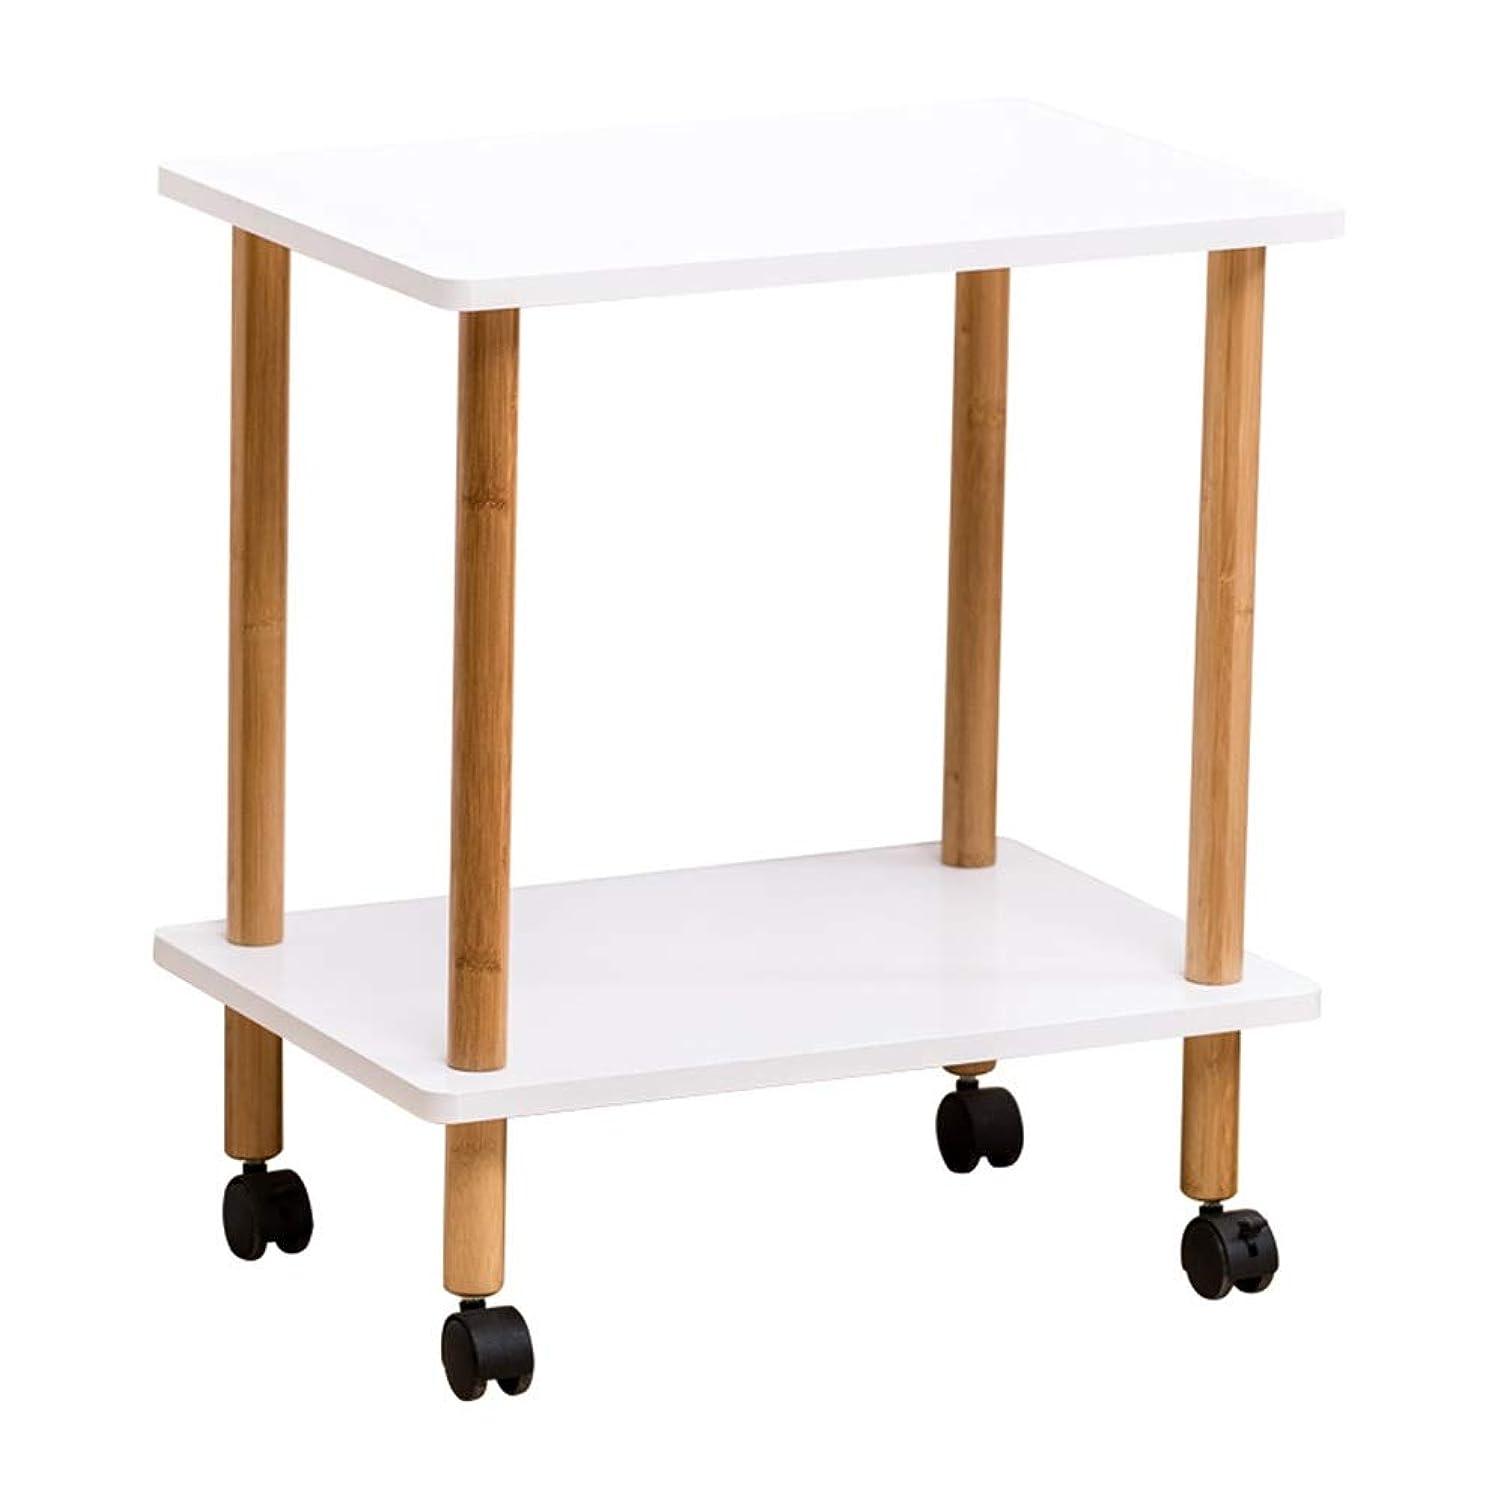 ブリッジ不健全取るに足らないAxdwfd 折りたたみ式テーブル サイドテーブル、リムーバブルティーテーブルリビングルームサイドテーブルソファトロリーラック (Size : 2-Tier)